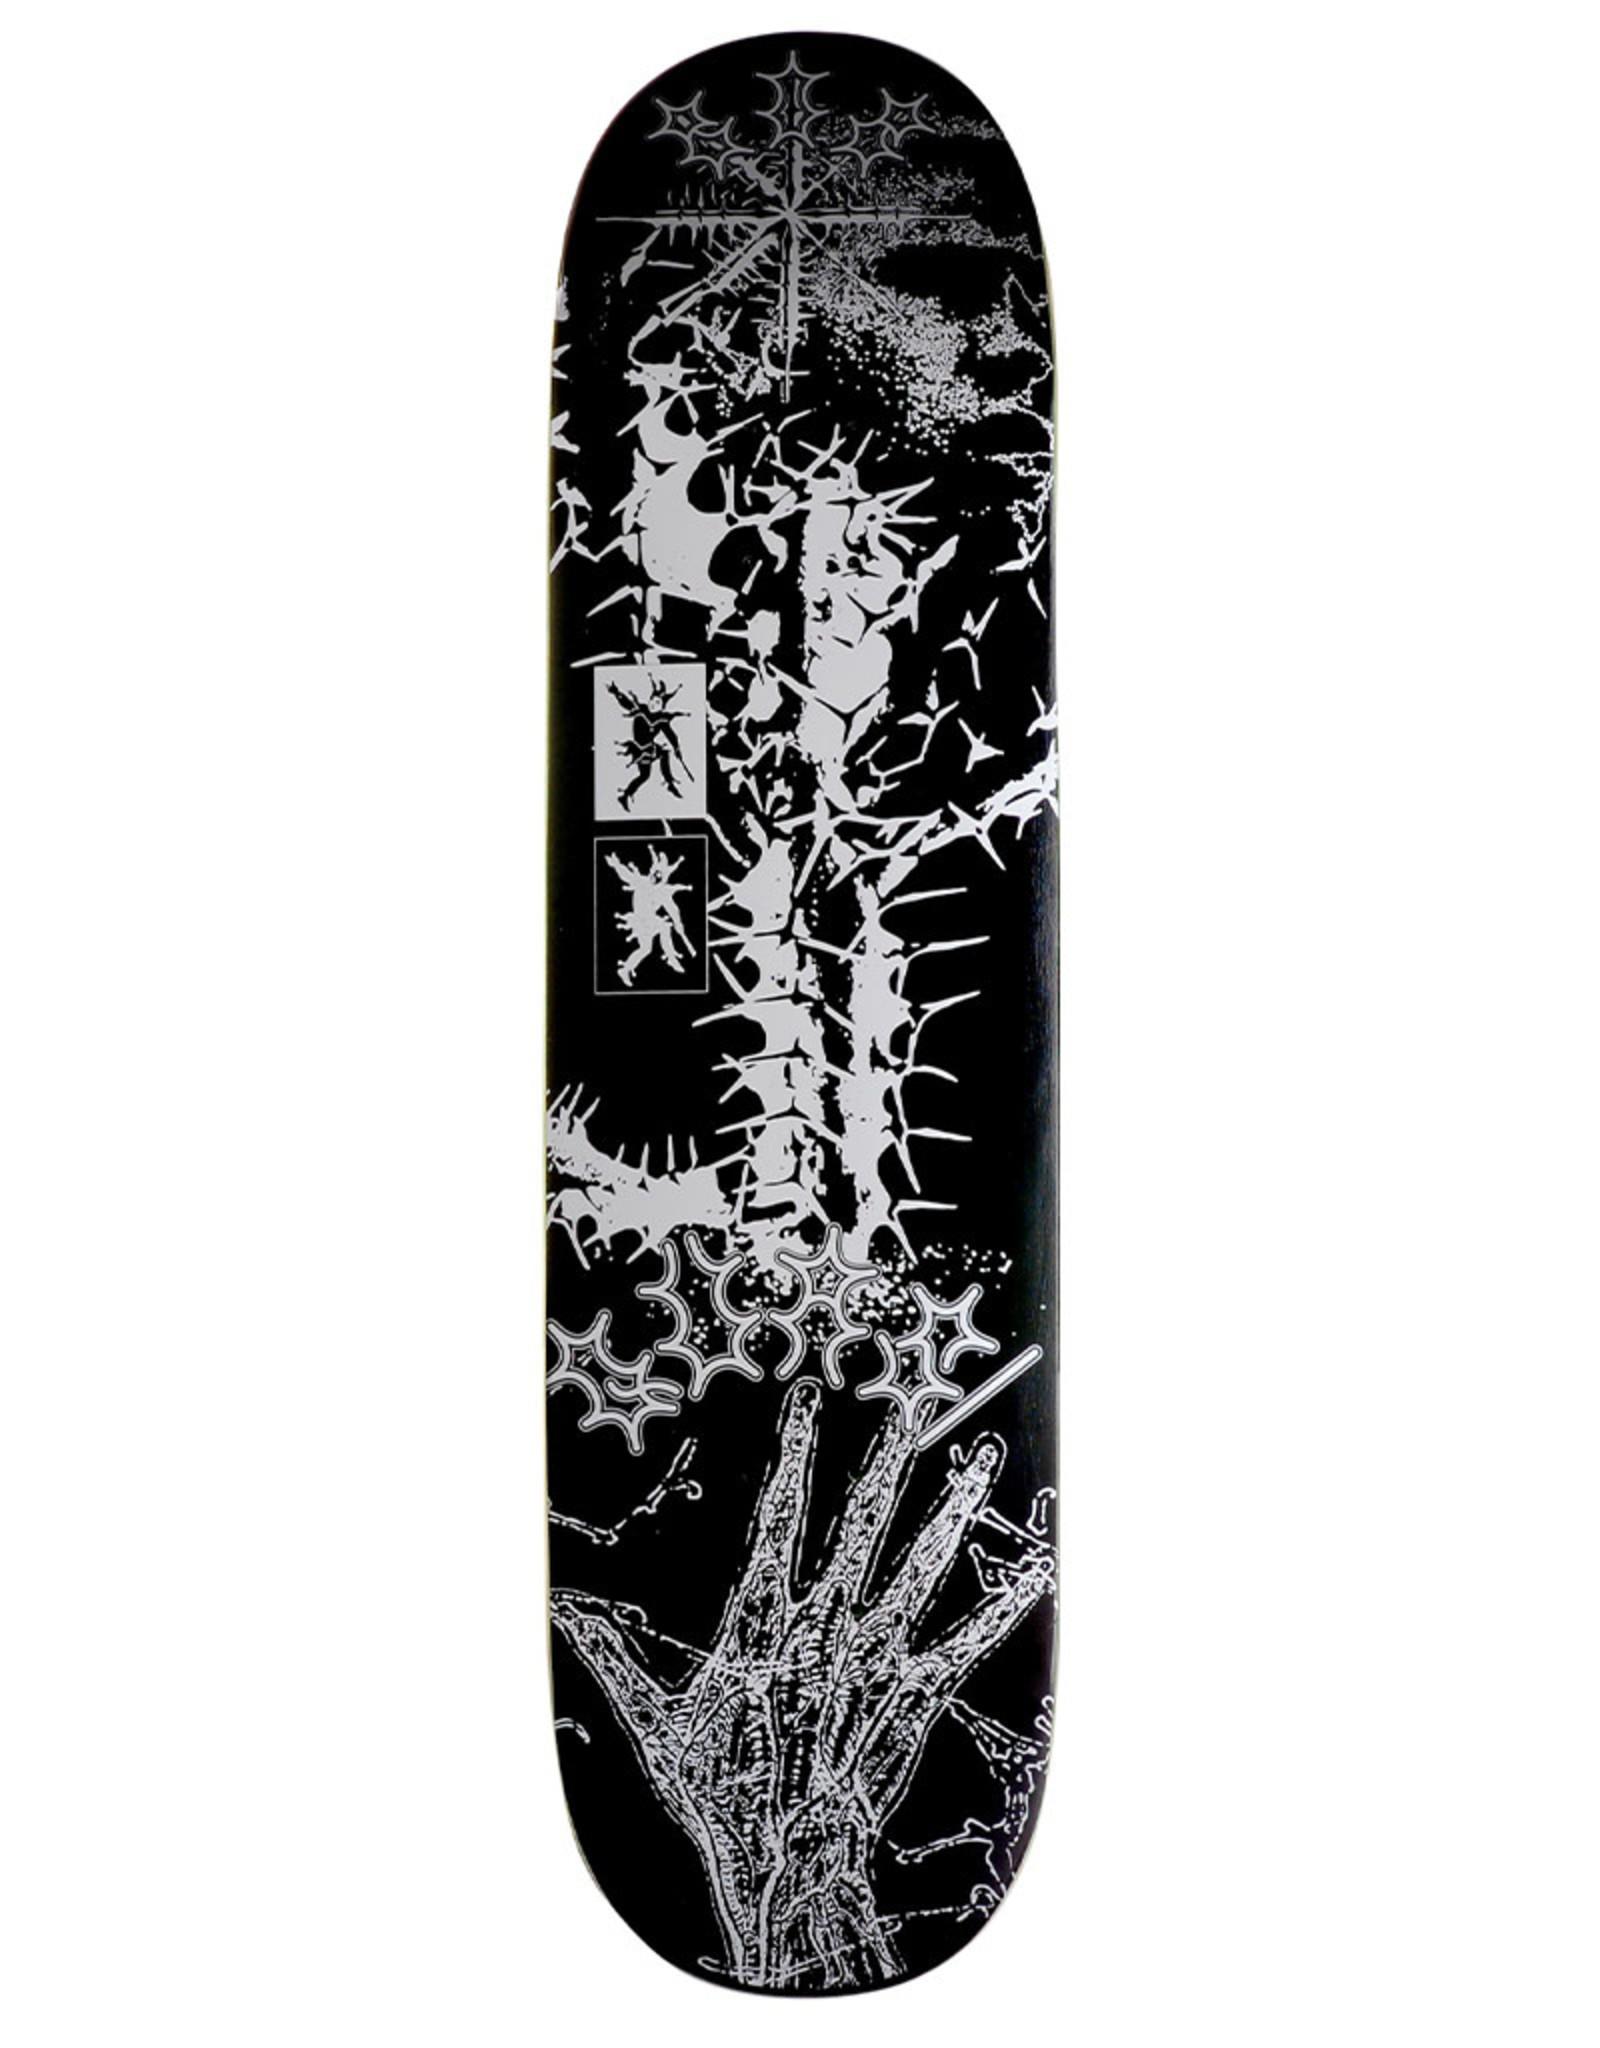 Quasi Skateboards Quasi Deck Bobby De Keyzer Monochrome (8.125)